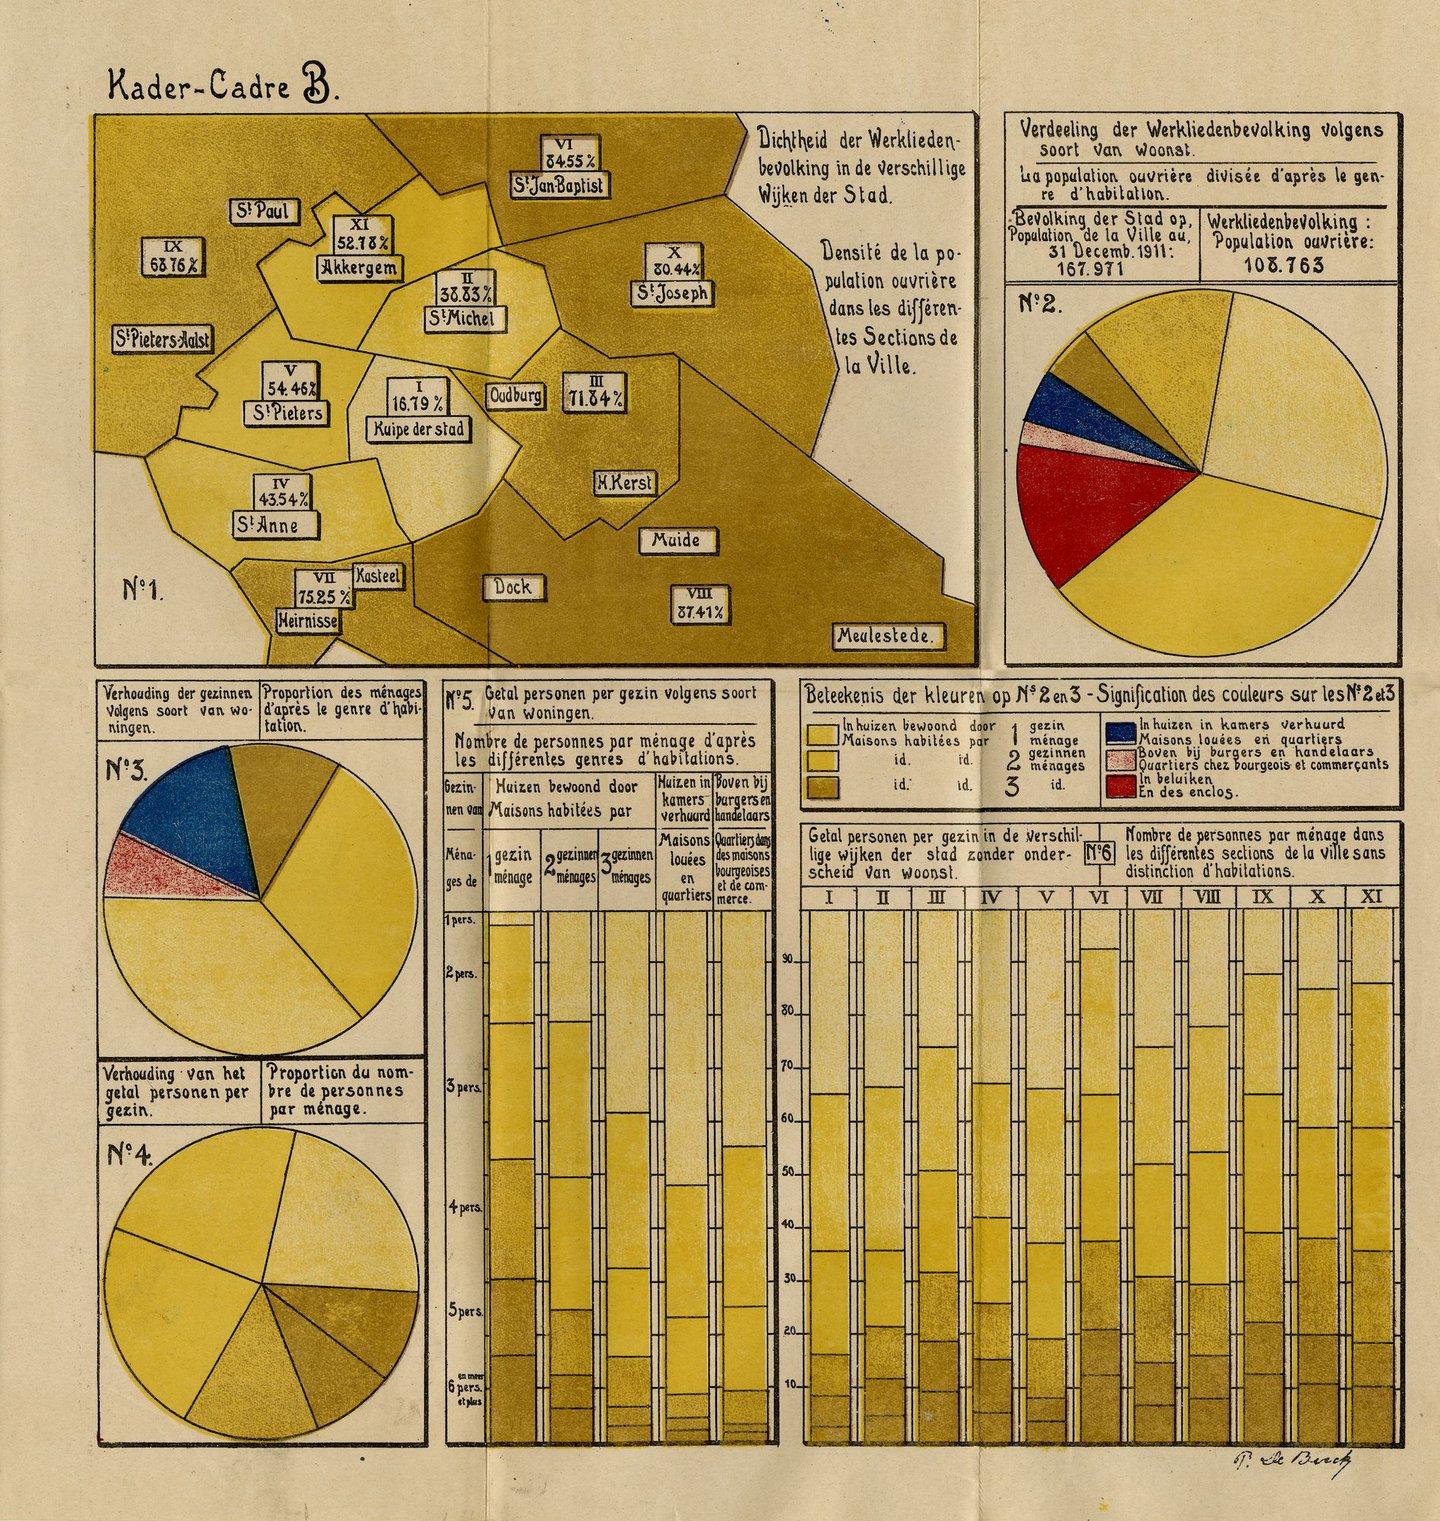 Grafische voorstelling van de dichtheid van de arbeidersbevolking in verhouding met de totale bevolkingsdichtheid op het grondgebied van de stad Gent